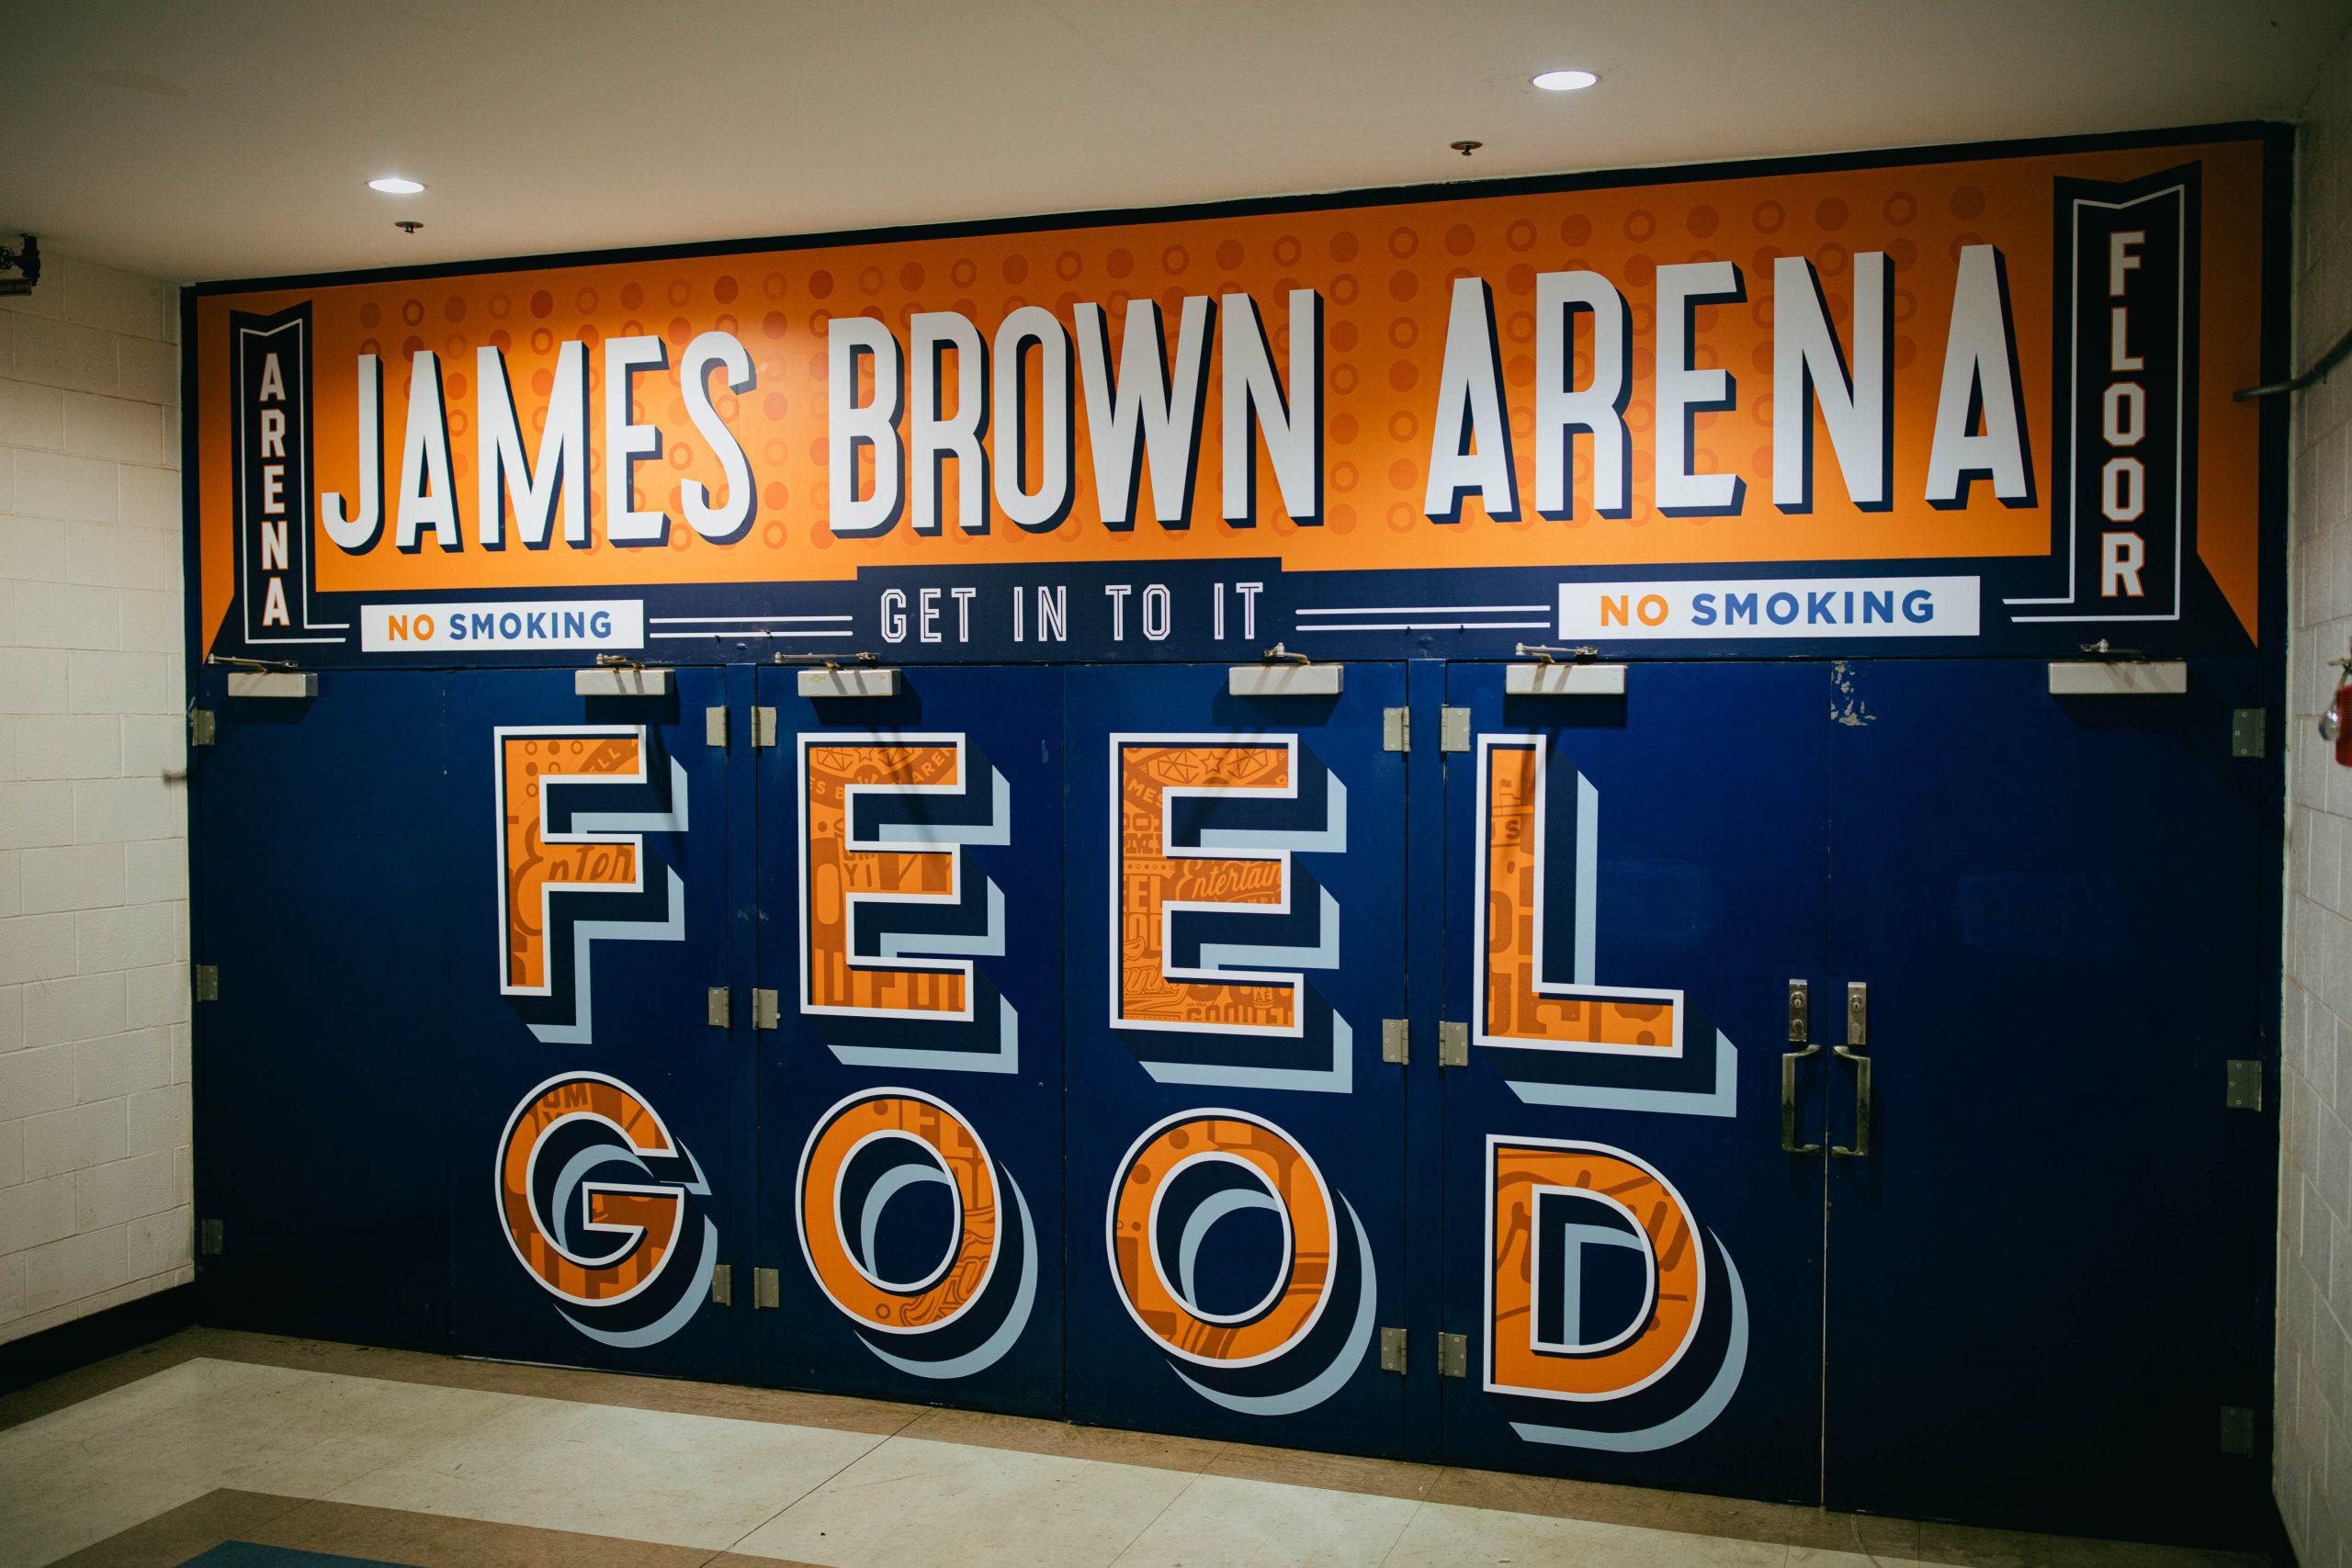 James Brown Arena Door Designs - Feel Good